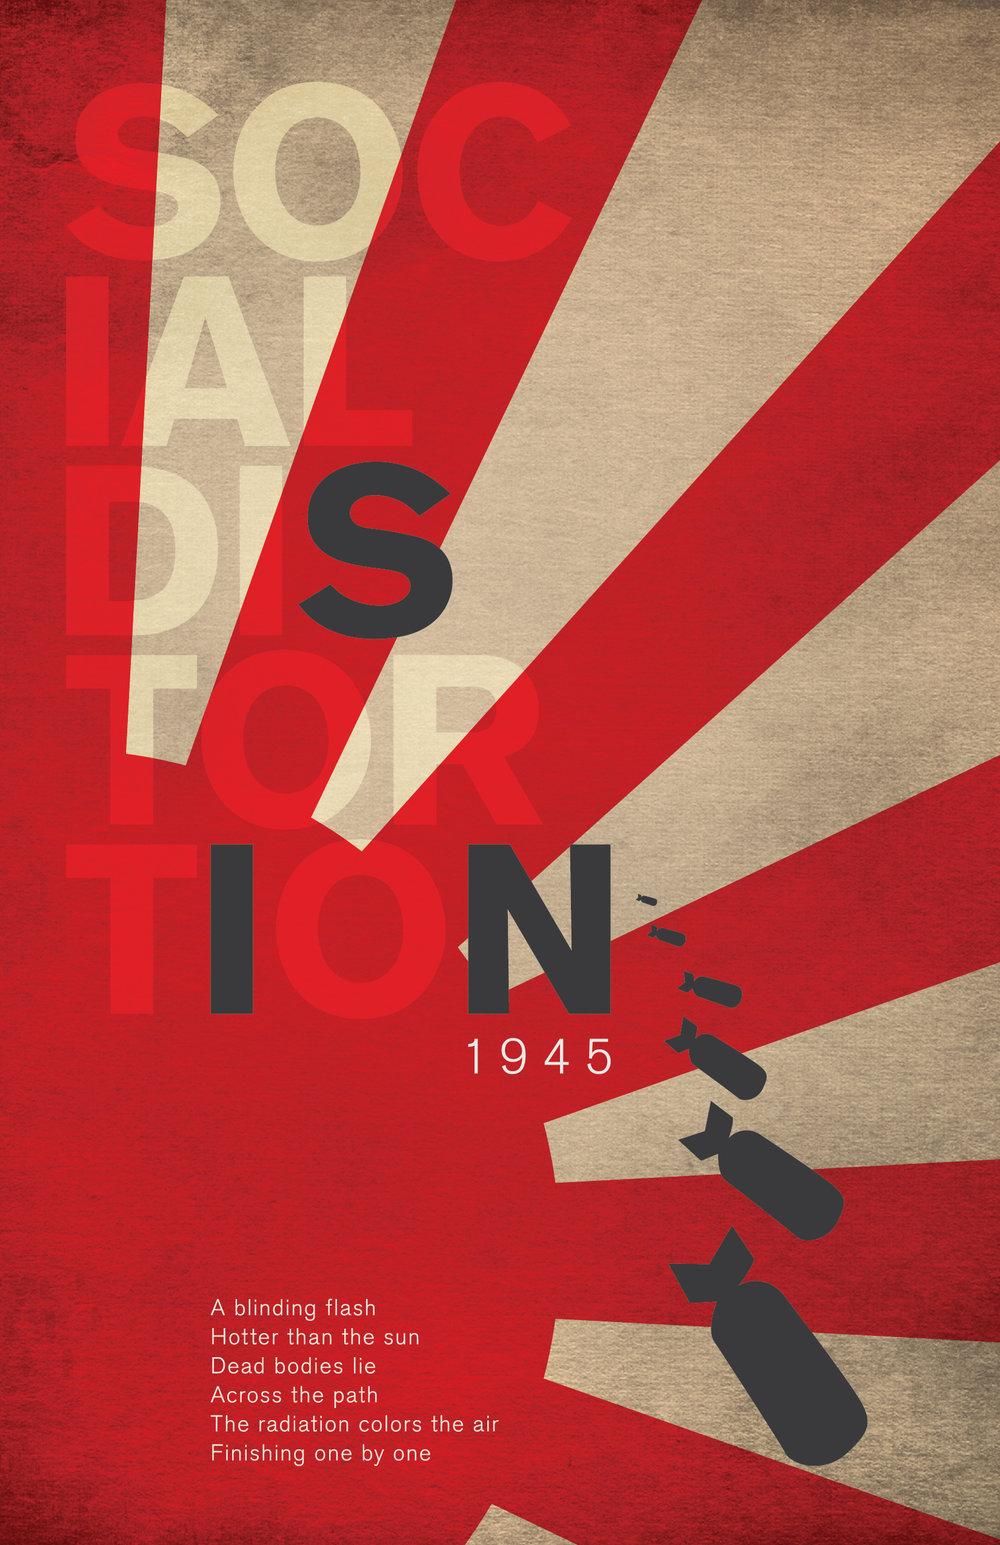 SOCIALDISTORTION_1945_005.jpg